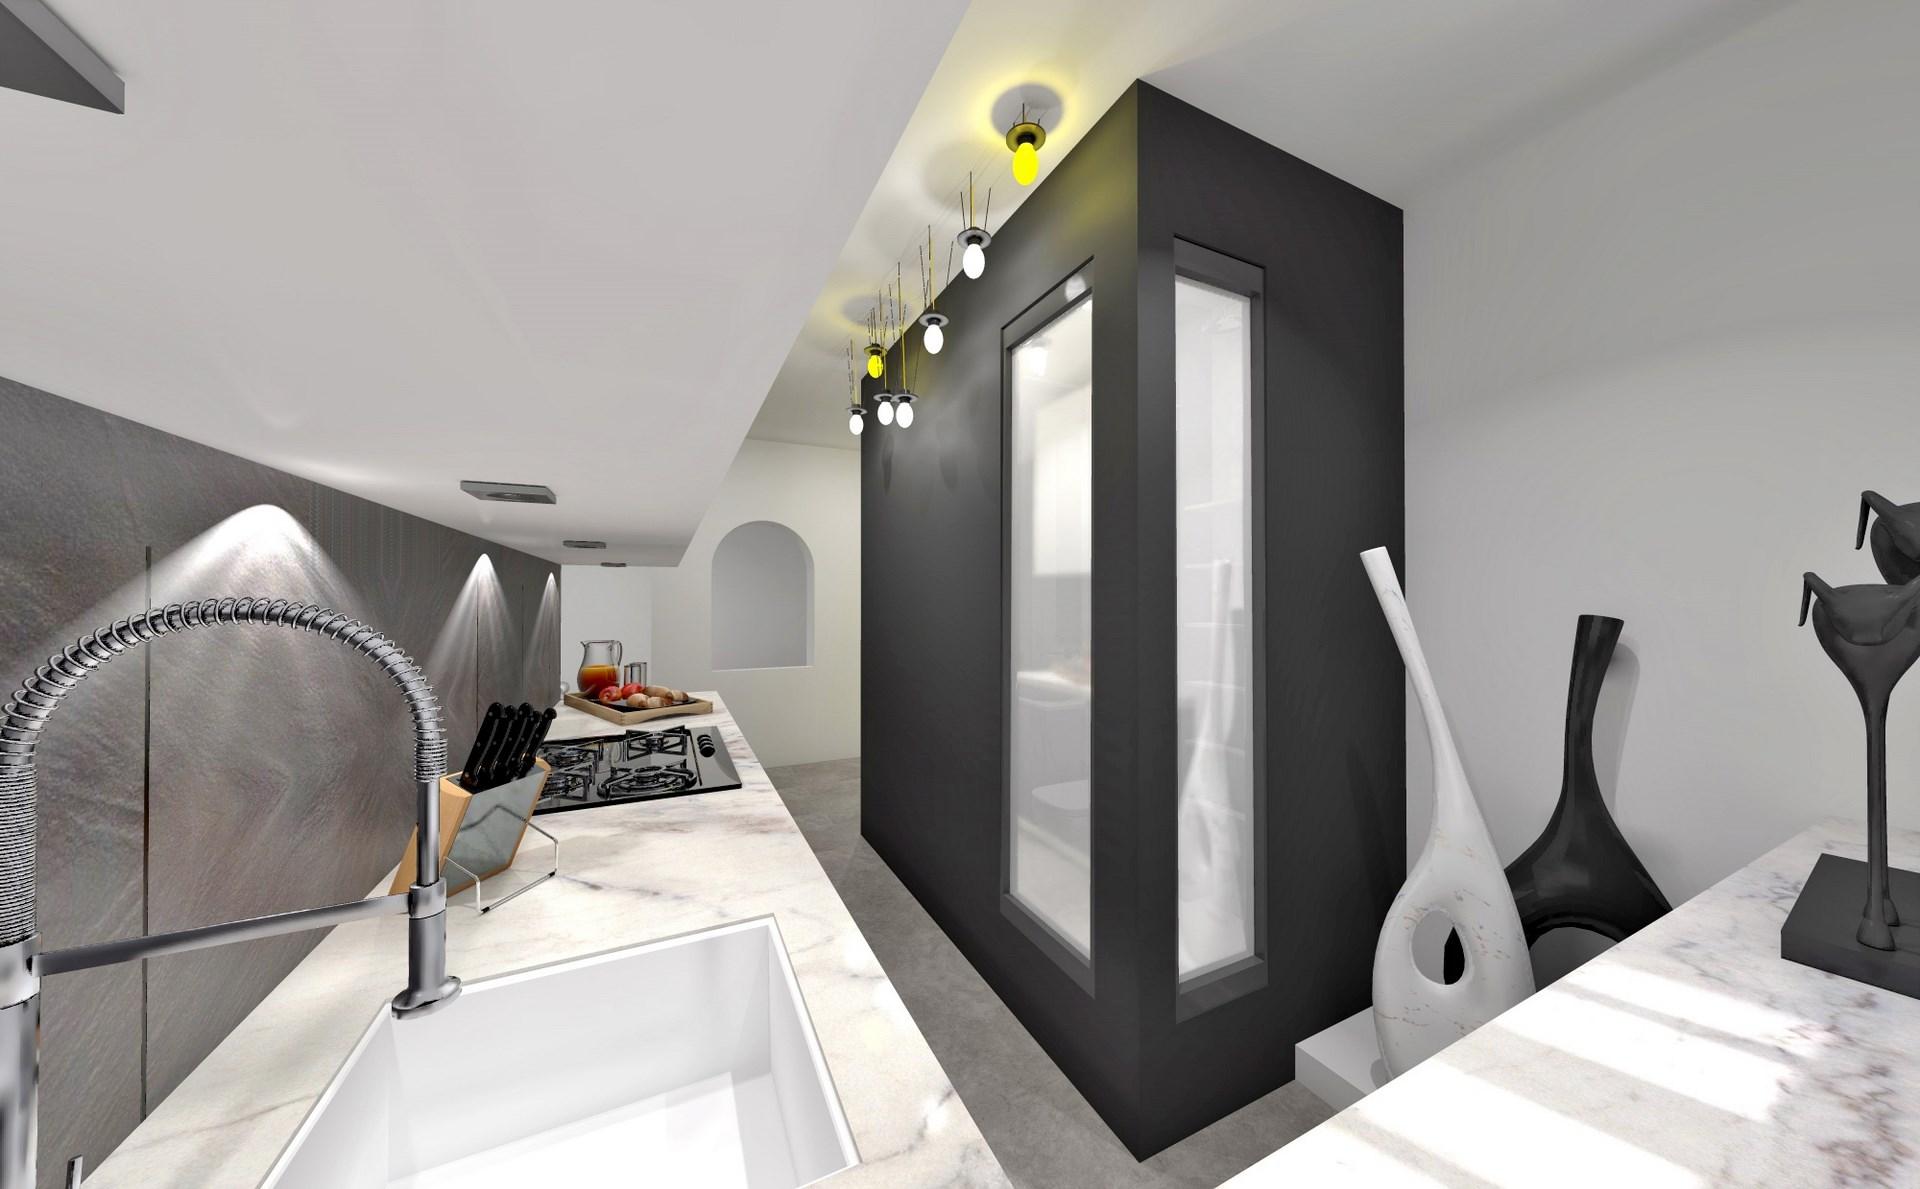 optimisation cuisine salle de bain noir blanc monochrome verriere agence avous